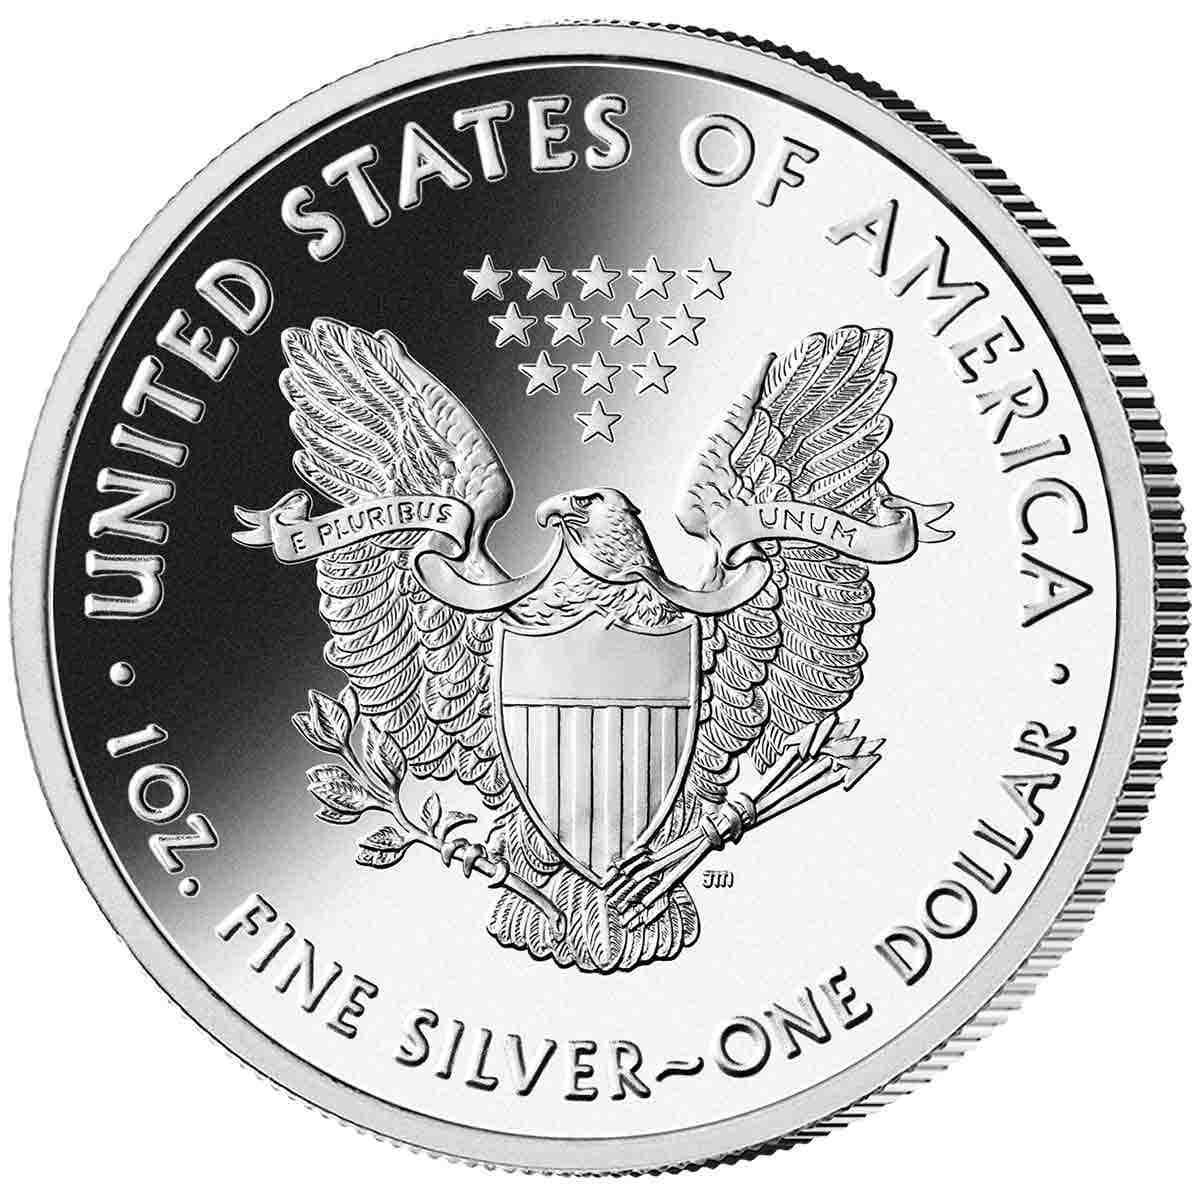 U.S.A Eagle